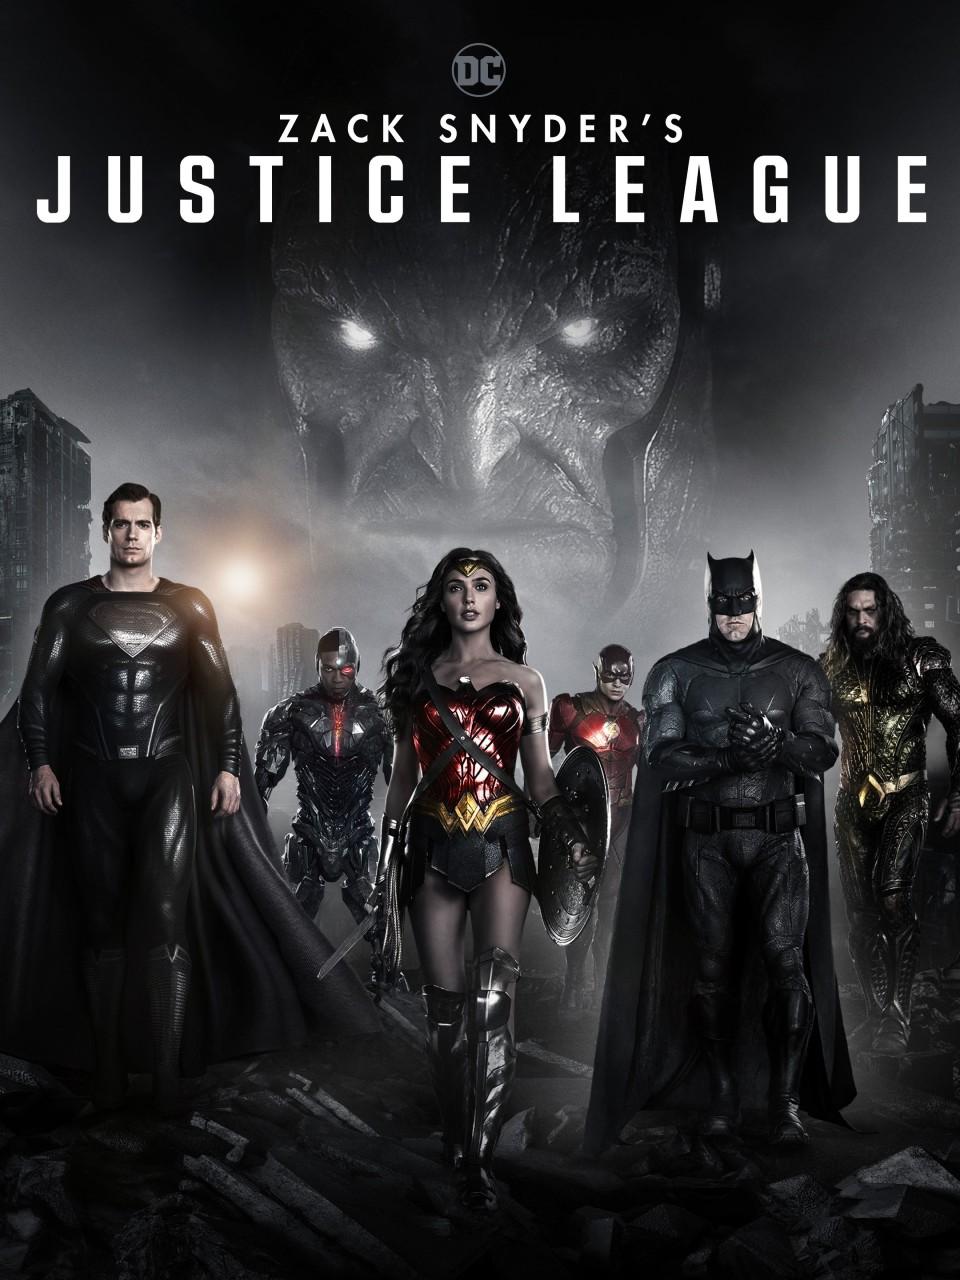 ZACK SNYDER'S JUSTICE LEAGUE arriva in DVD, Blu-Ray e 4K dal 27 maggio e dal 22 Aprile in digitale